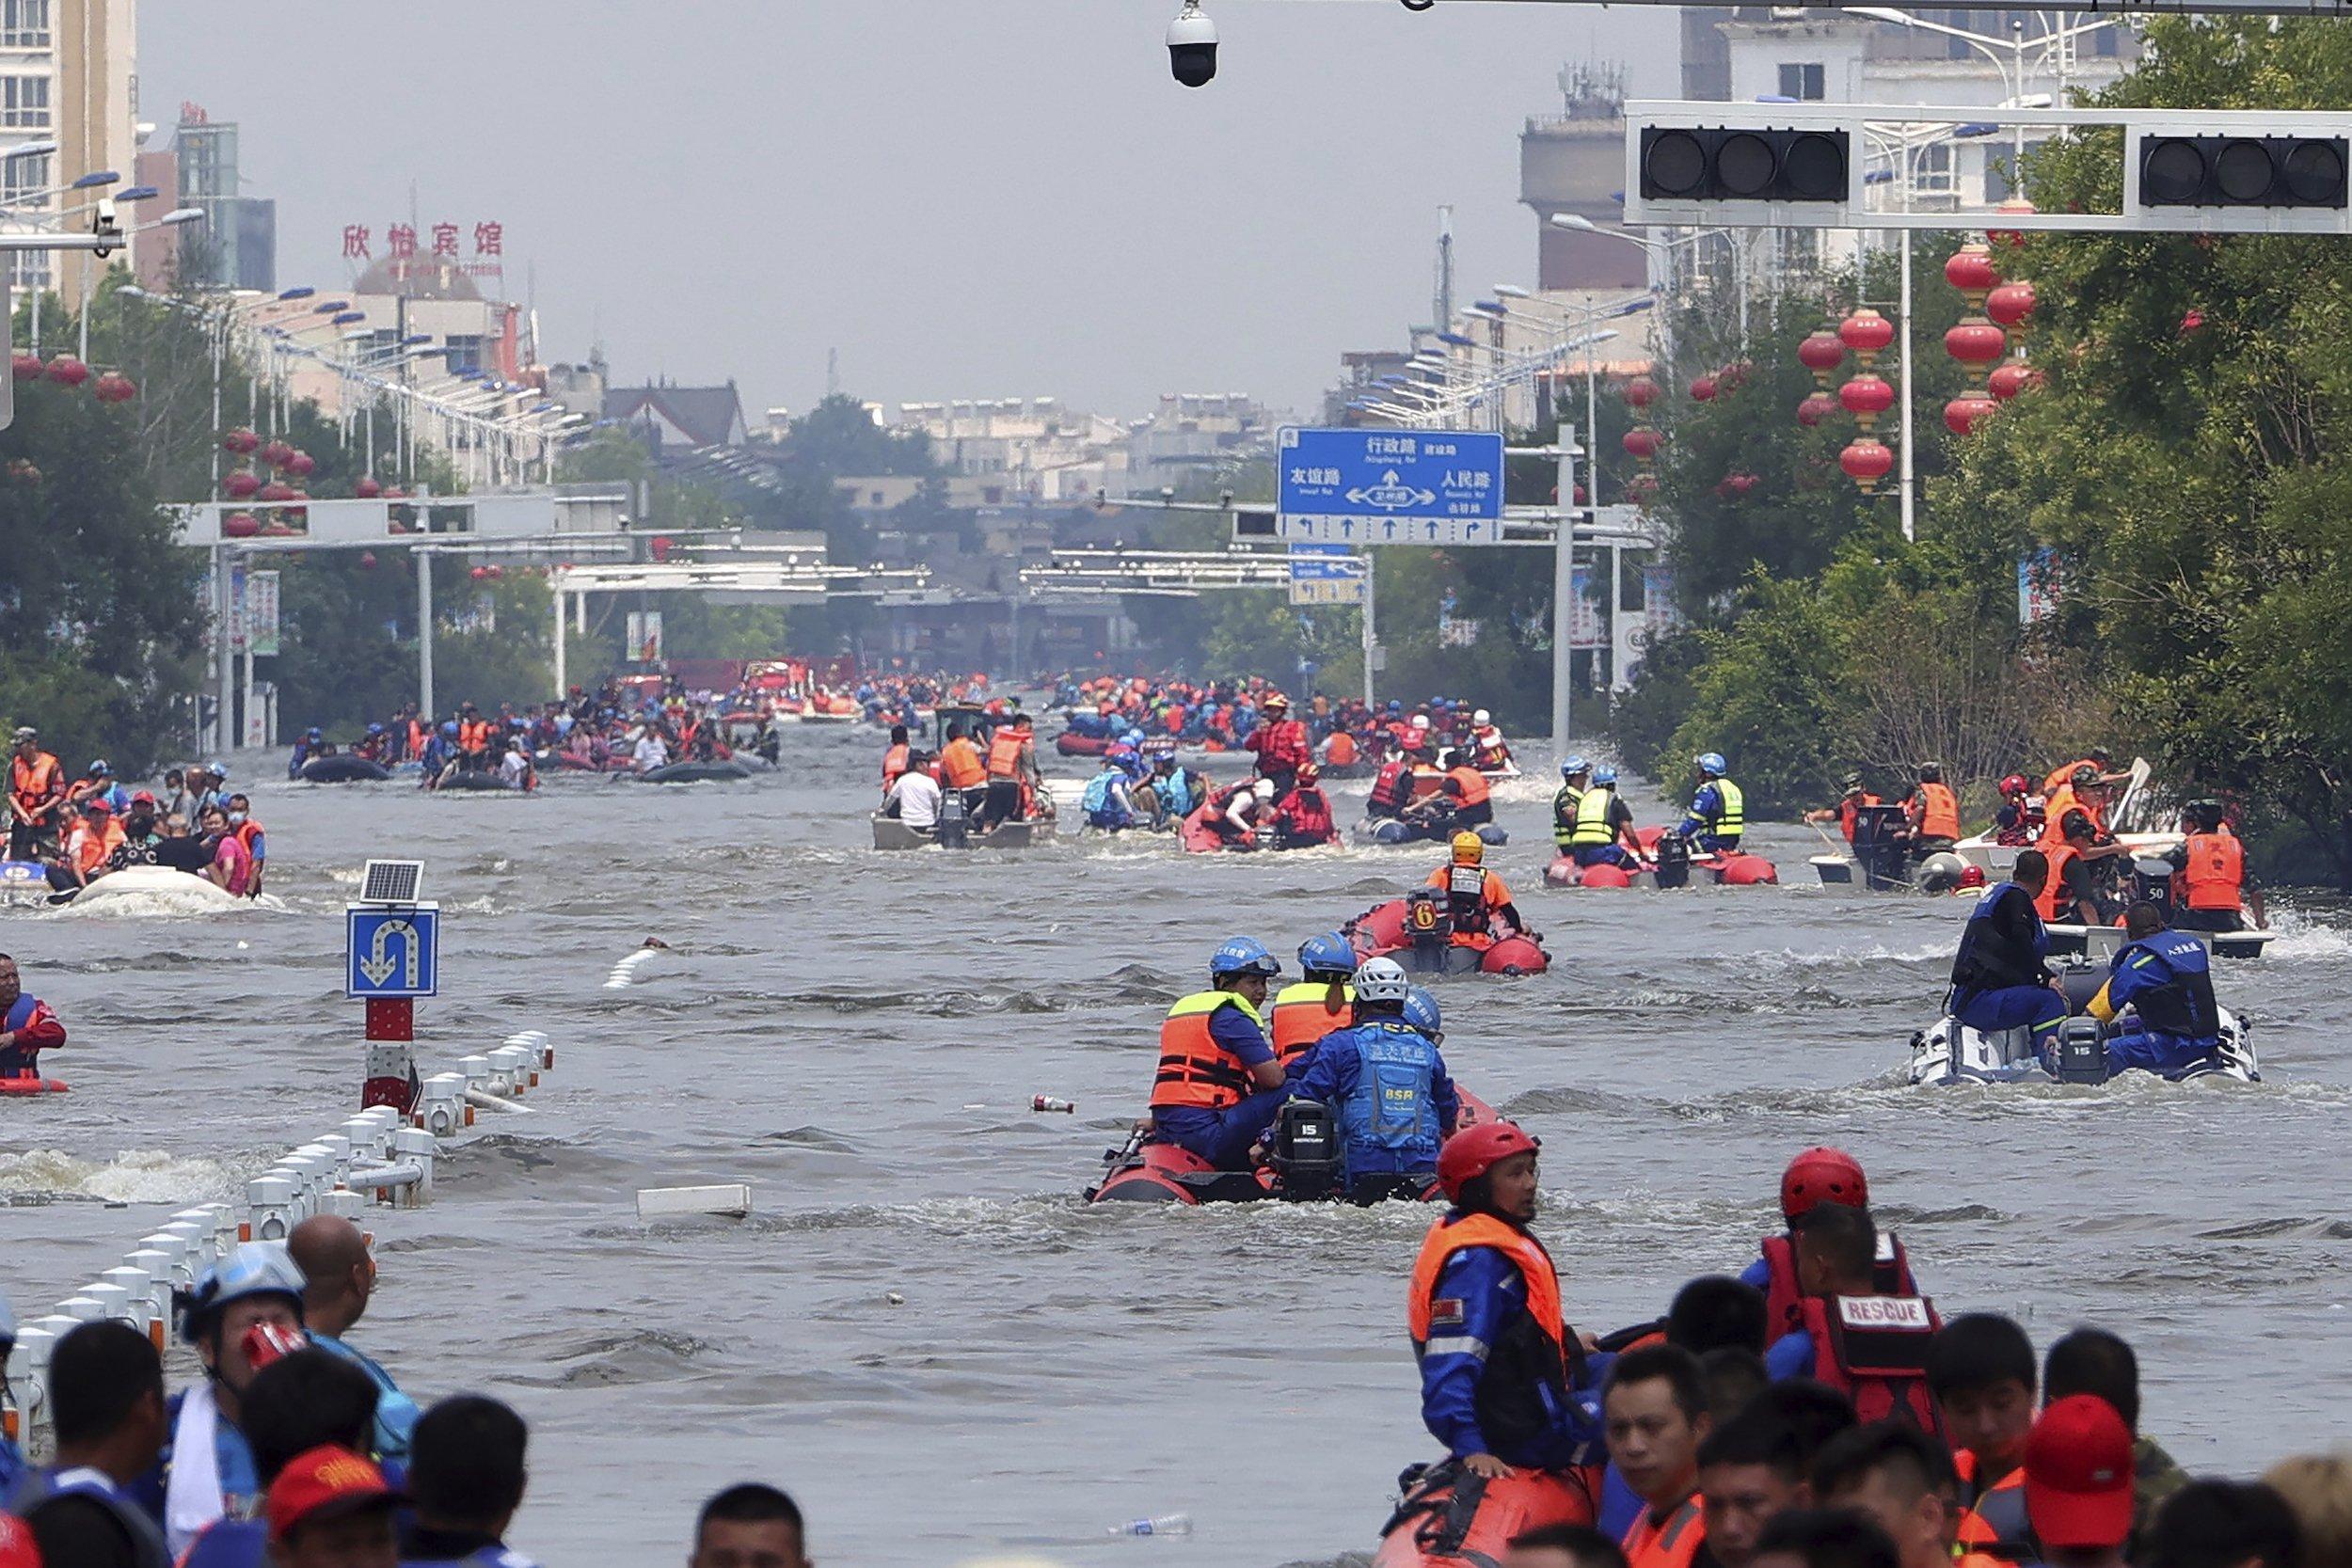 Boote auf einer Straße